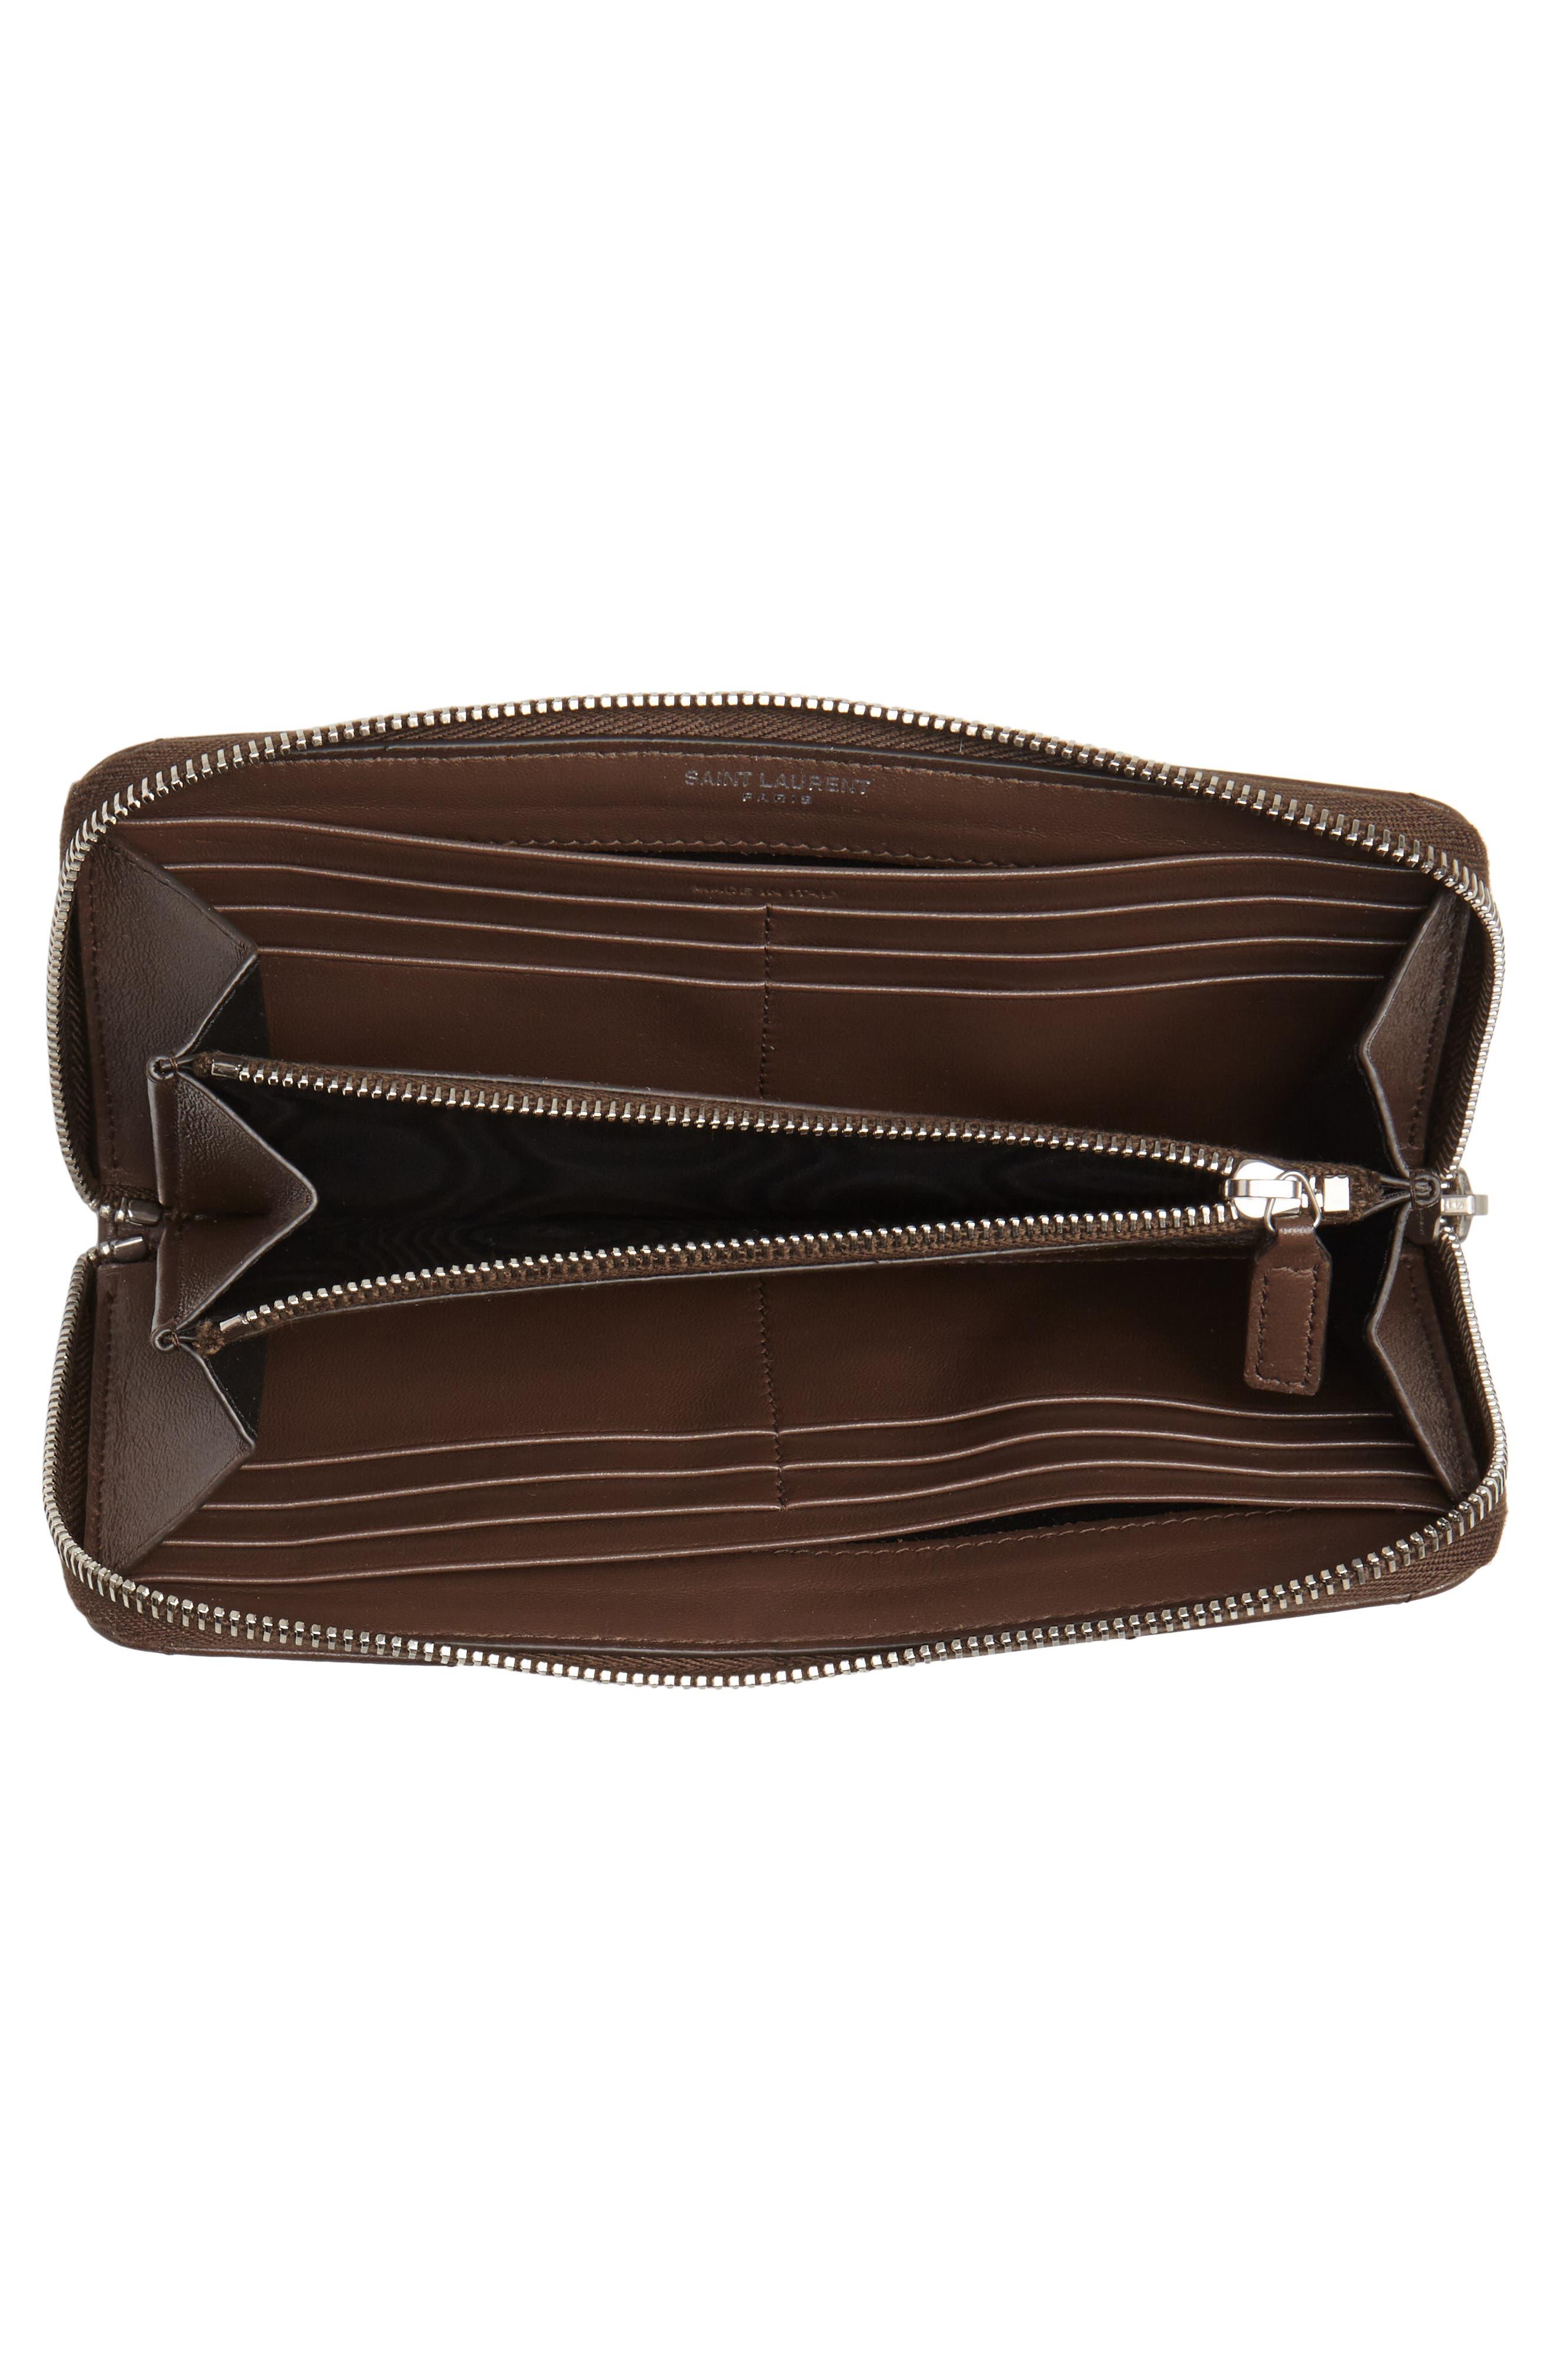 SAINT LAURENT, Loulou Matelassé Leather Zip-Around Wallet, Alternate thumbnail 4, color, FAGGIO